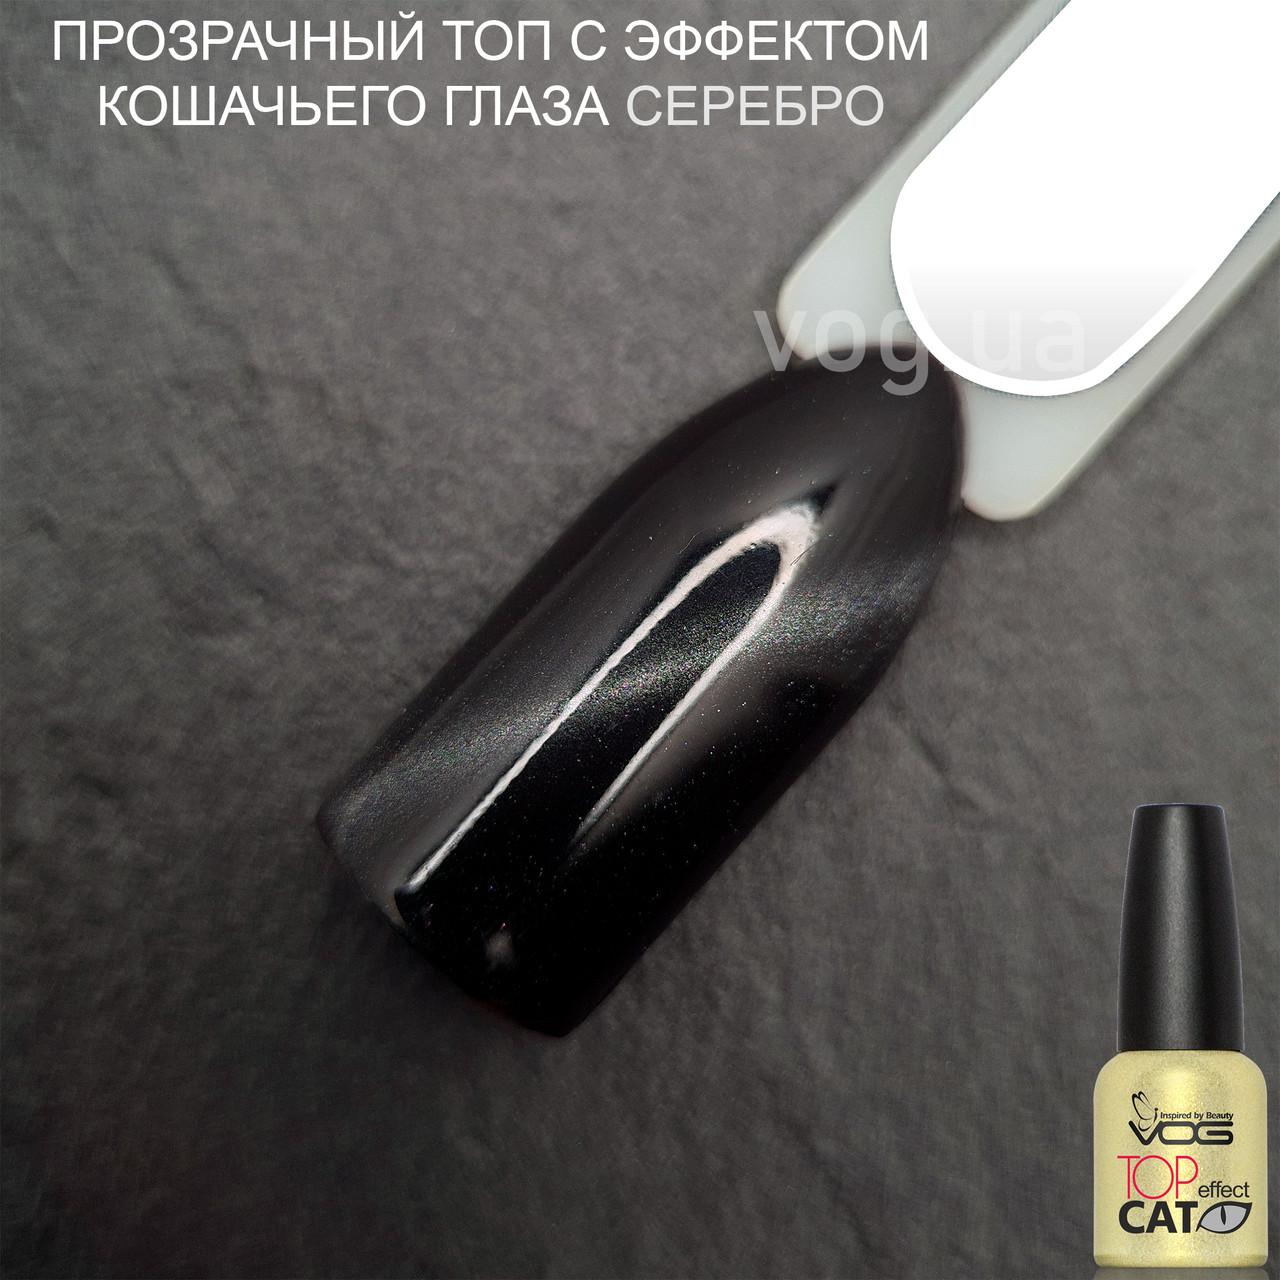 Топ прозорий глянцевий з ефектом Котячого Ока без липкого шару VOG США 10мл Срібло